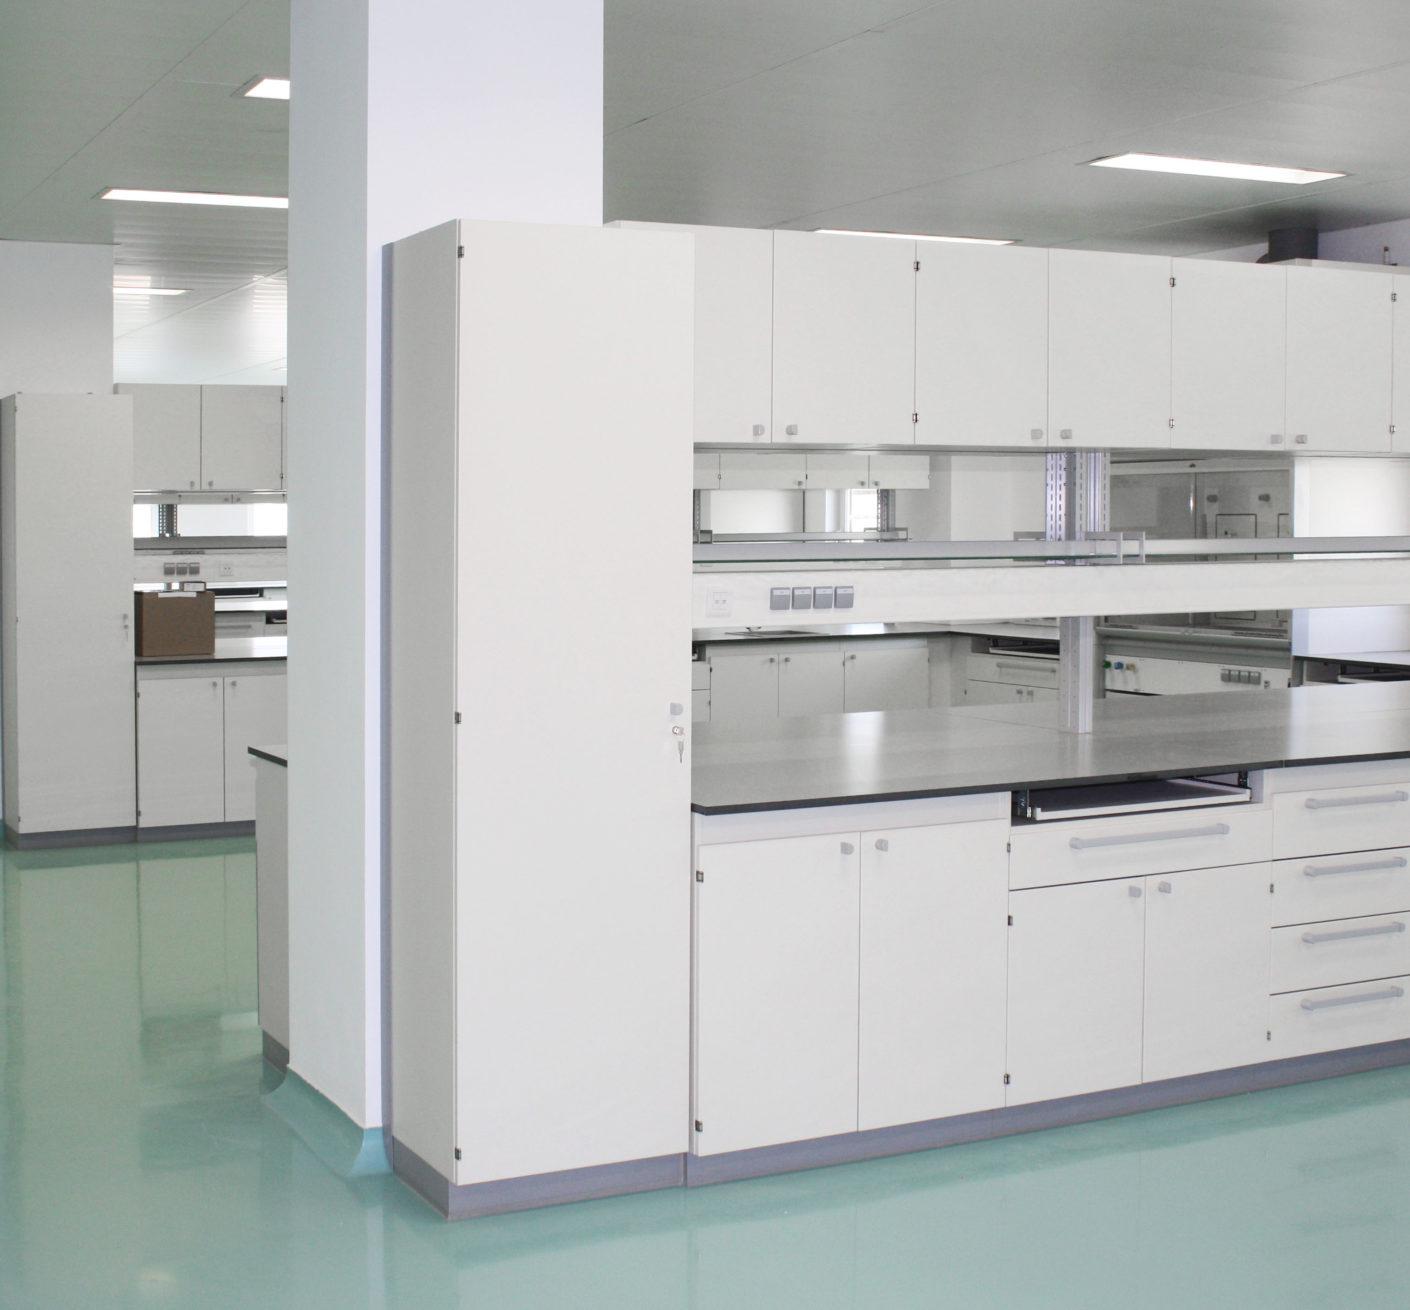 Laborator Productie Farmaceutica